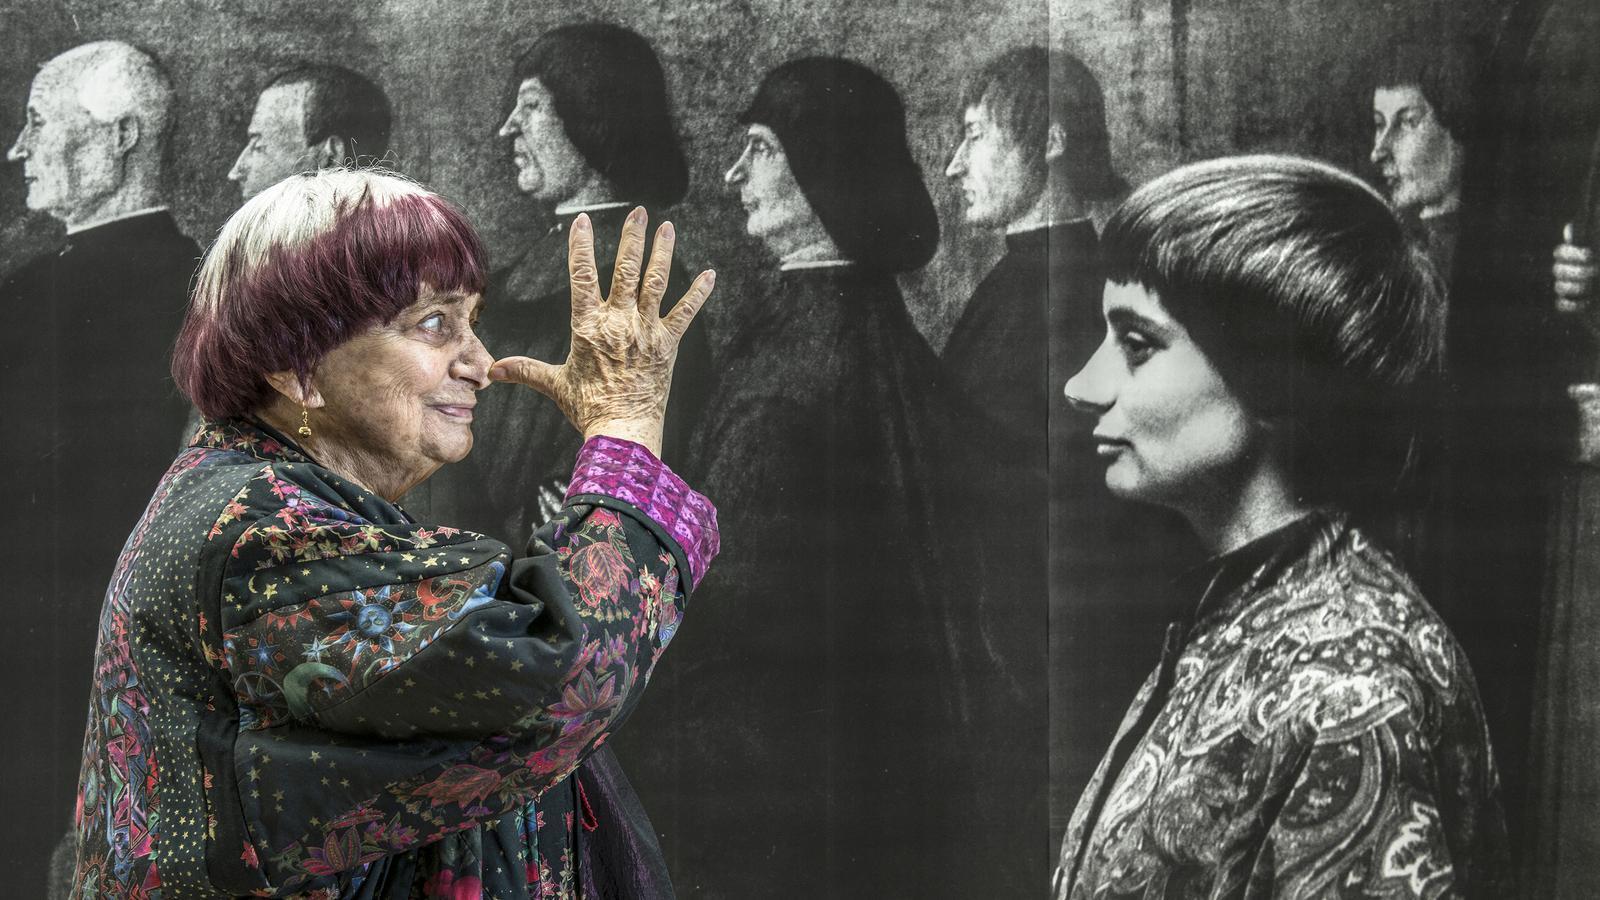 """Agnès Varda: """"La necessitat que sento per filmar és la mateixa avui que fa 60 anys"""""""